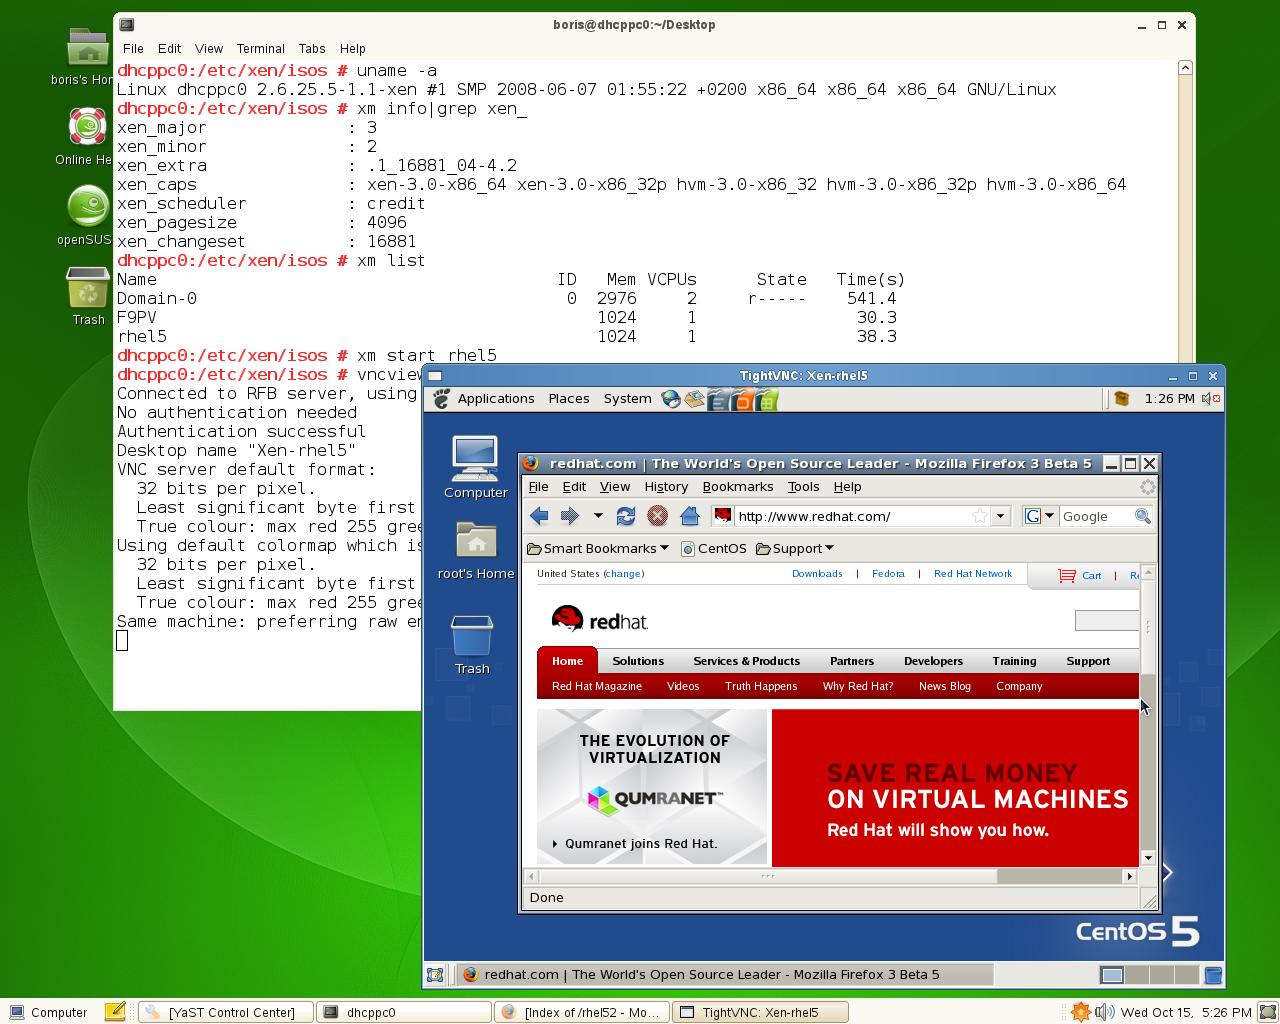 Проект centos объявил о доступности первого стабильного релиза редакции дистрибутива centos linux 7 для